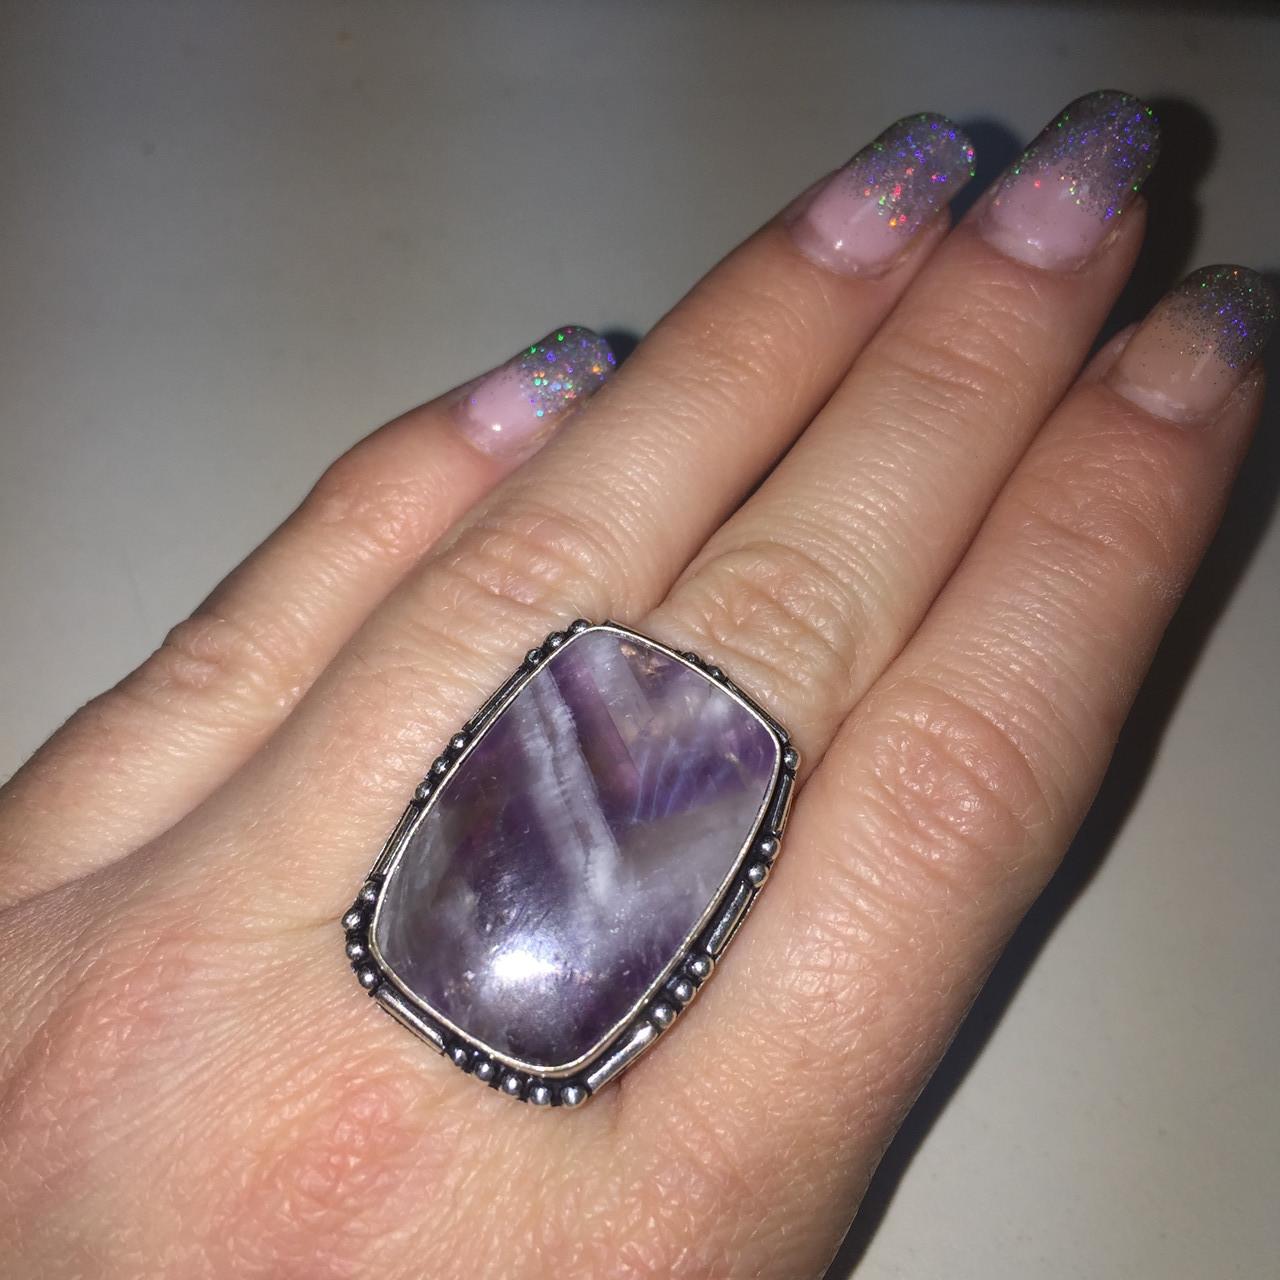 Аметист кольцо с натуральным камнем аметист в серебре. Кольцо с аметистом размер 17,5 Индия